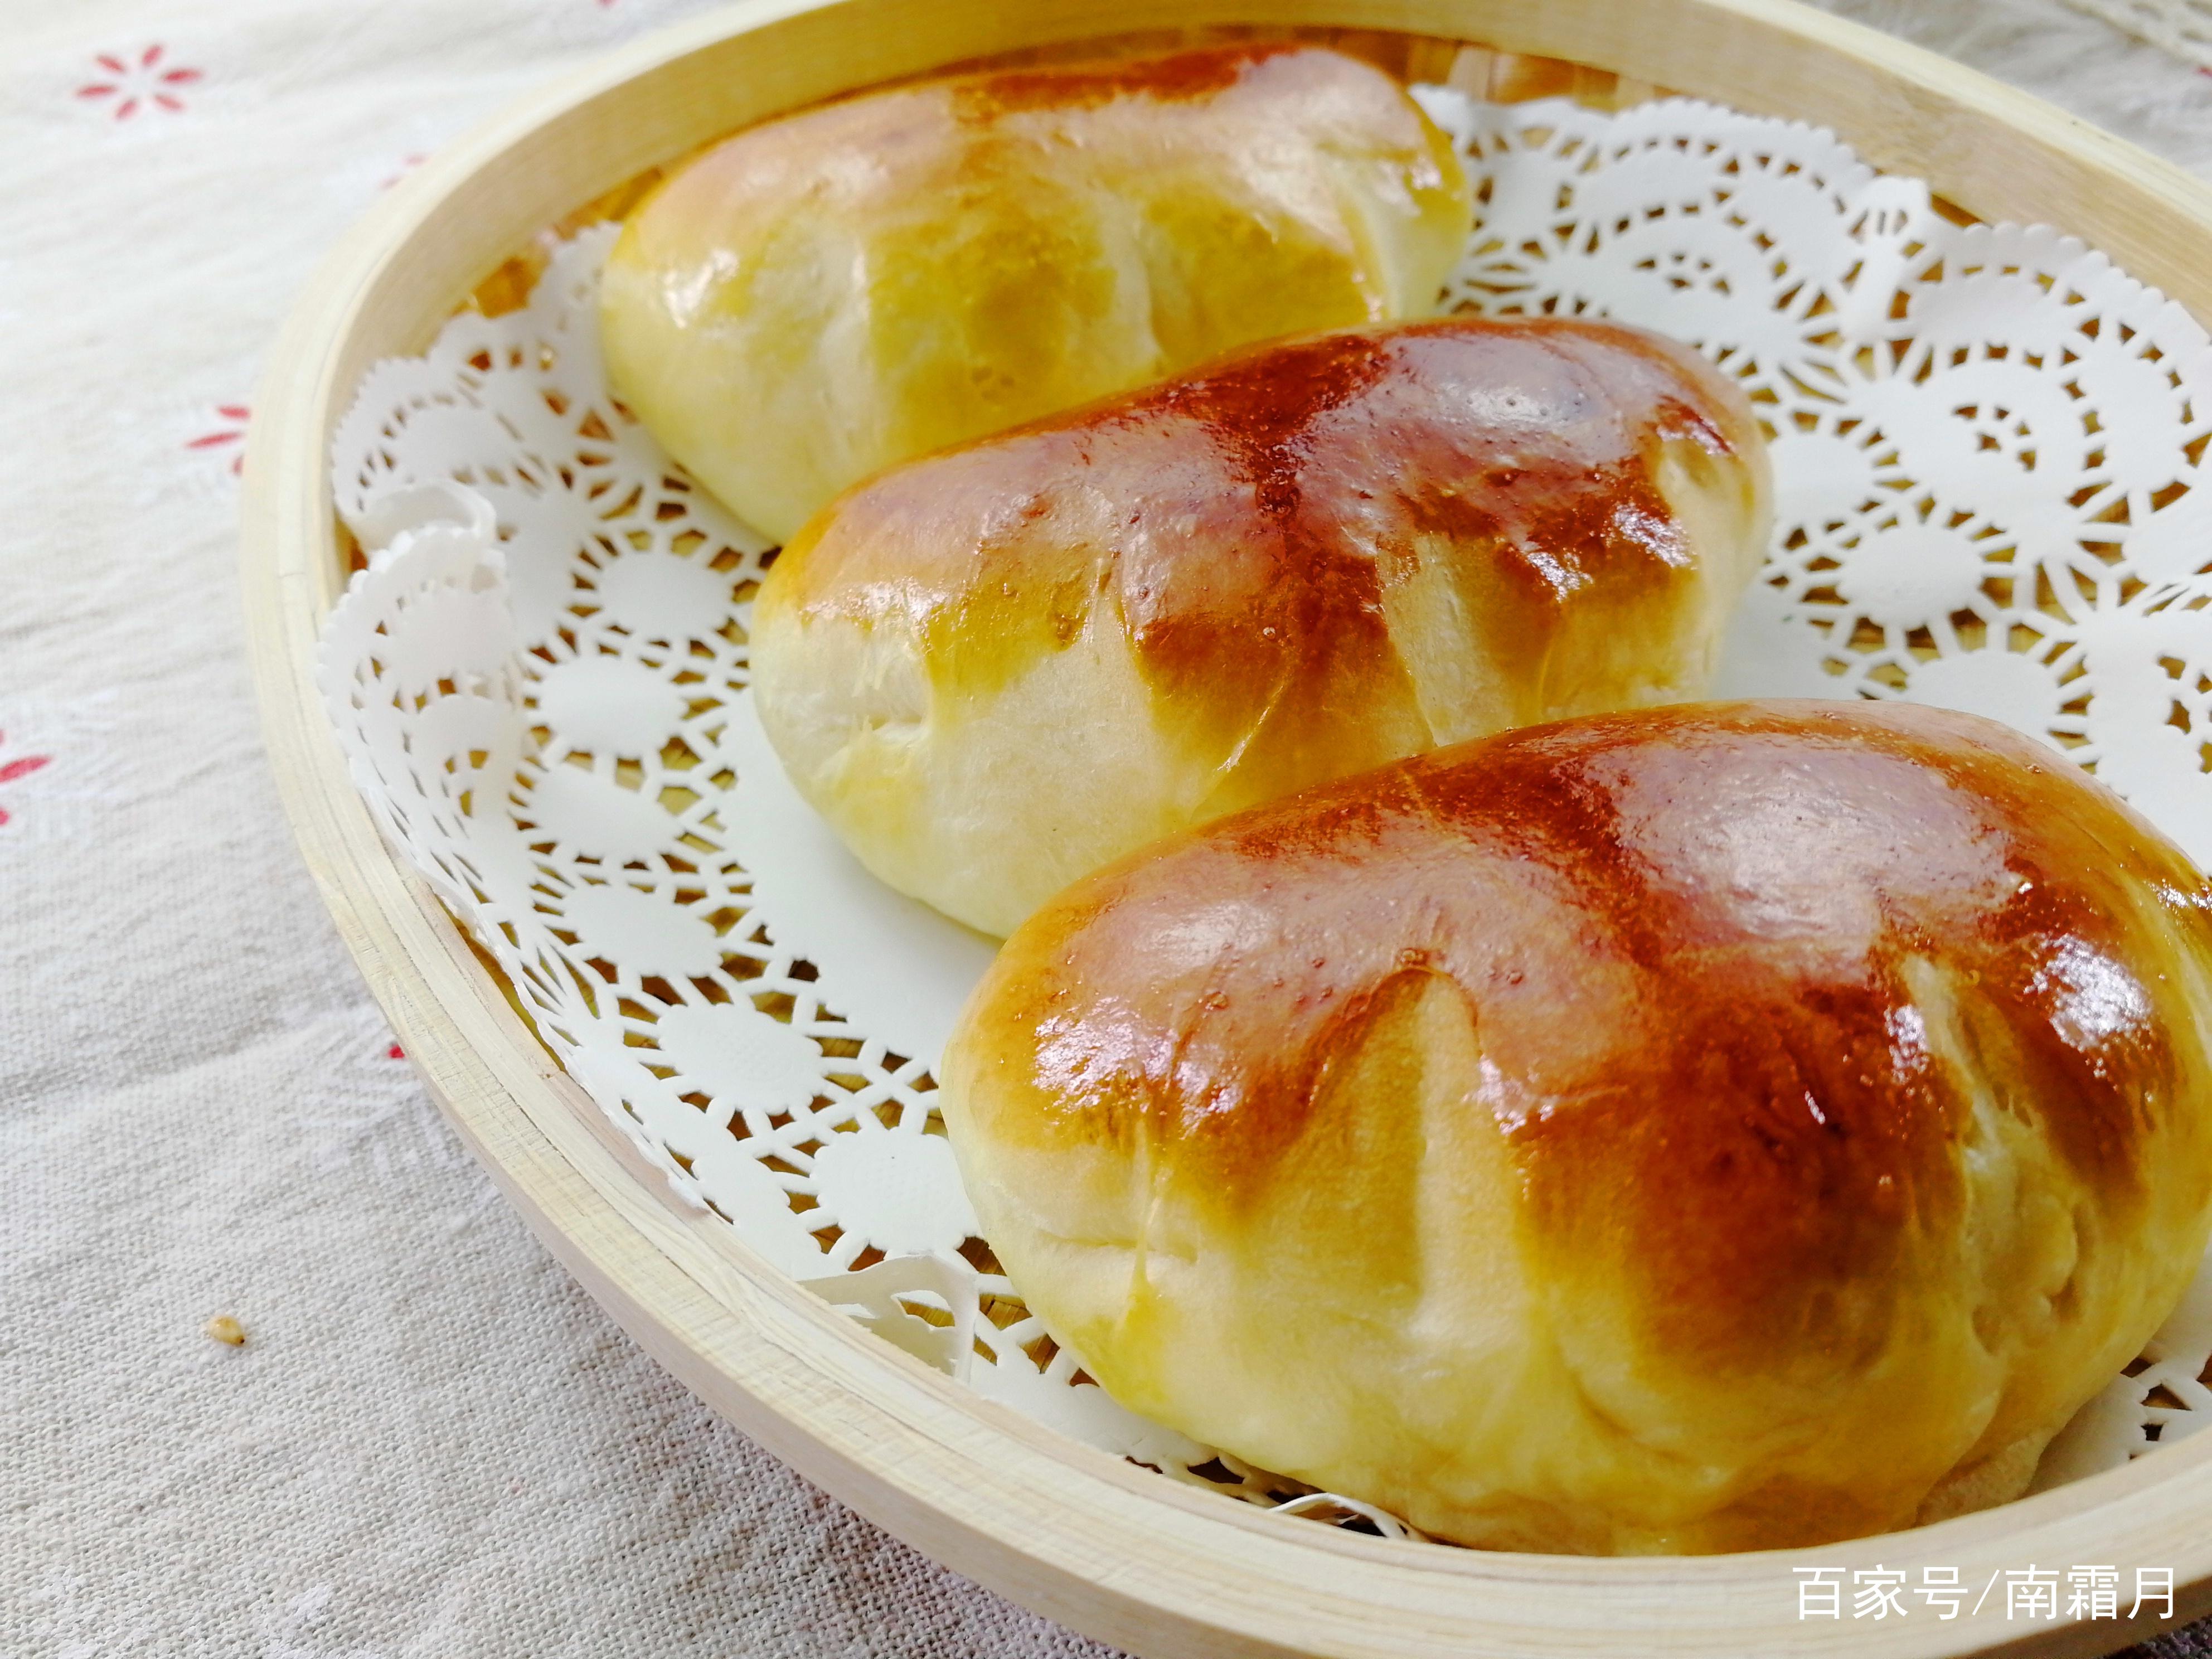 30天消耗40斤面粉5斤白糖4斤黄油学做面包,值得么?